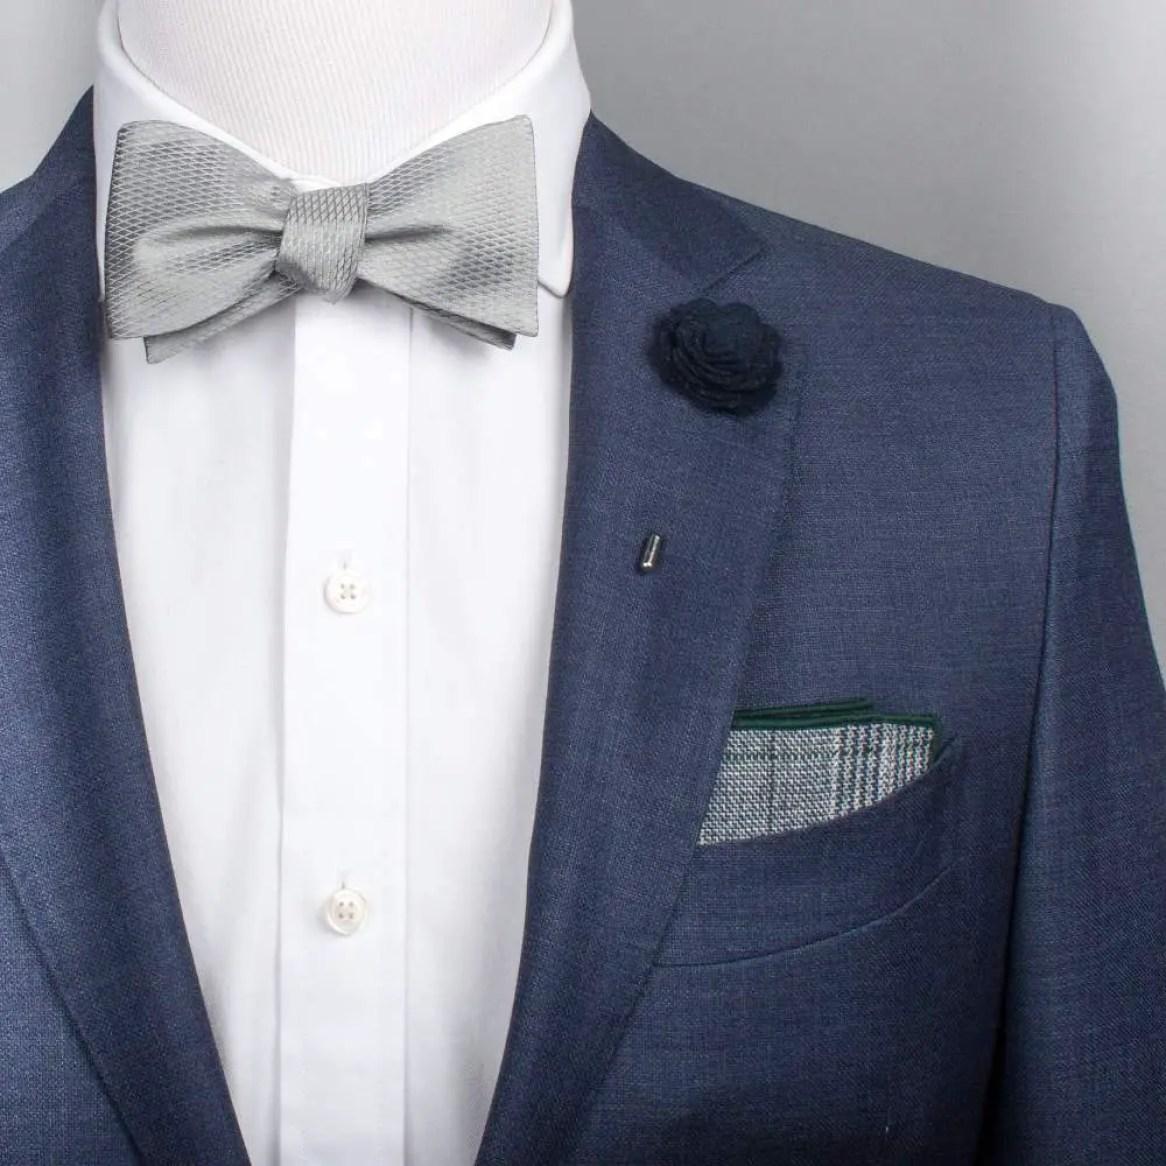 How-to-Dress-Groomsmen-with-SprezzaBox025